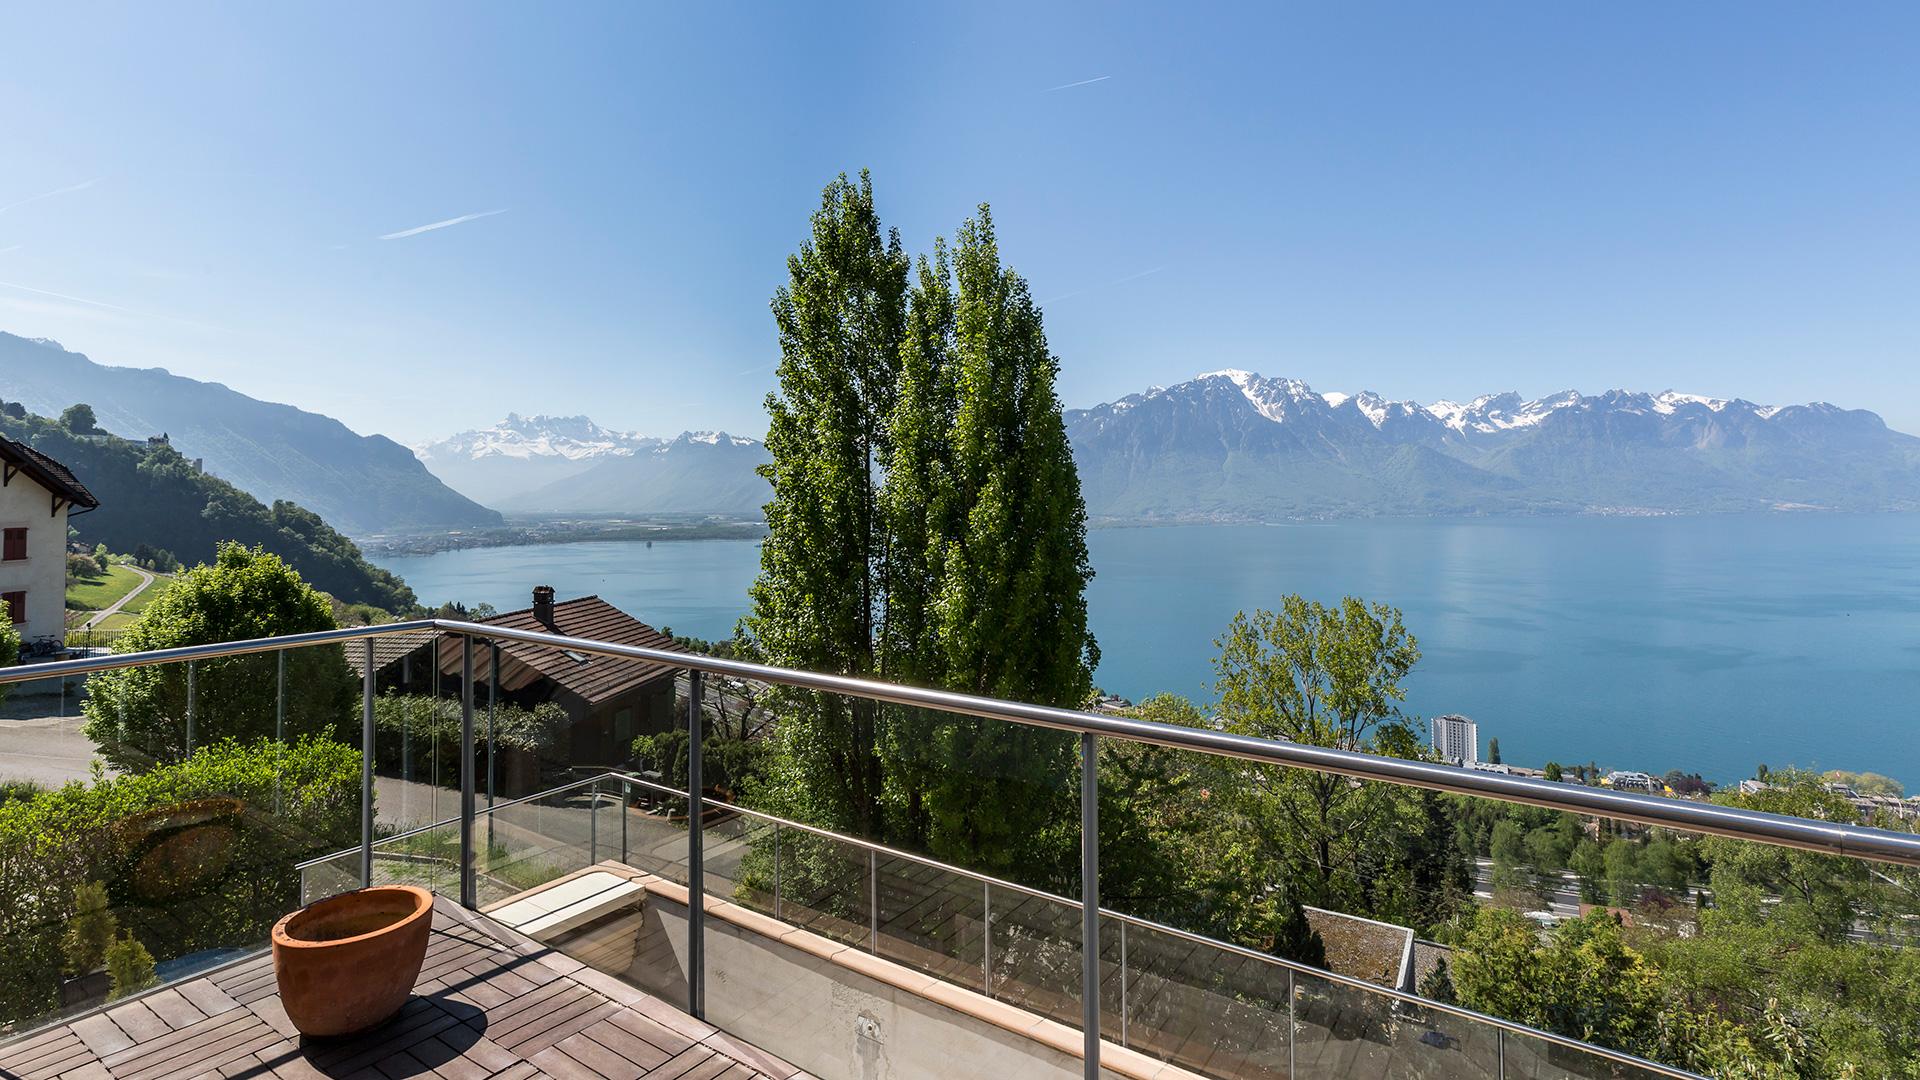 Les Hauteurs Chalet, Switzerland